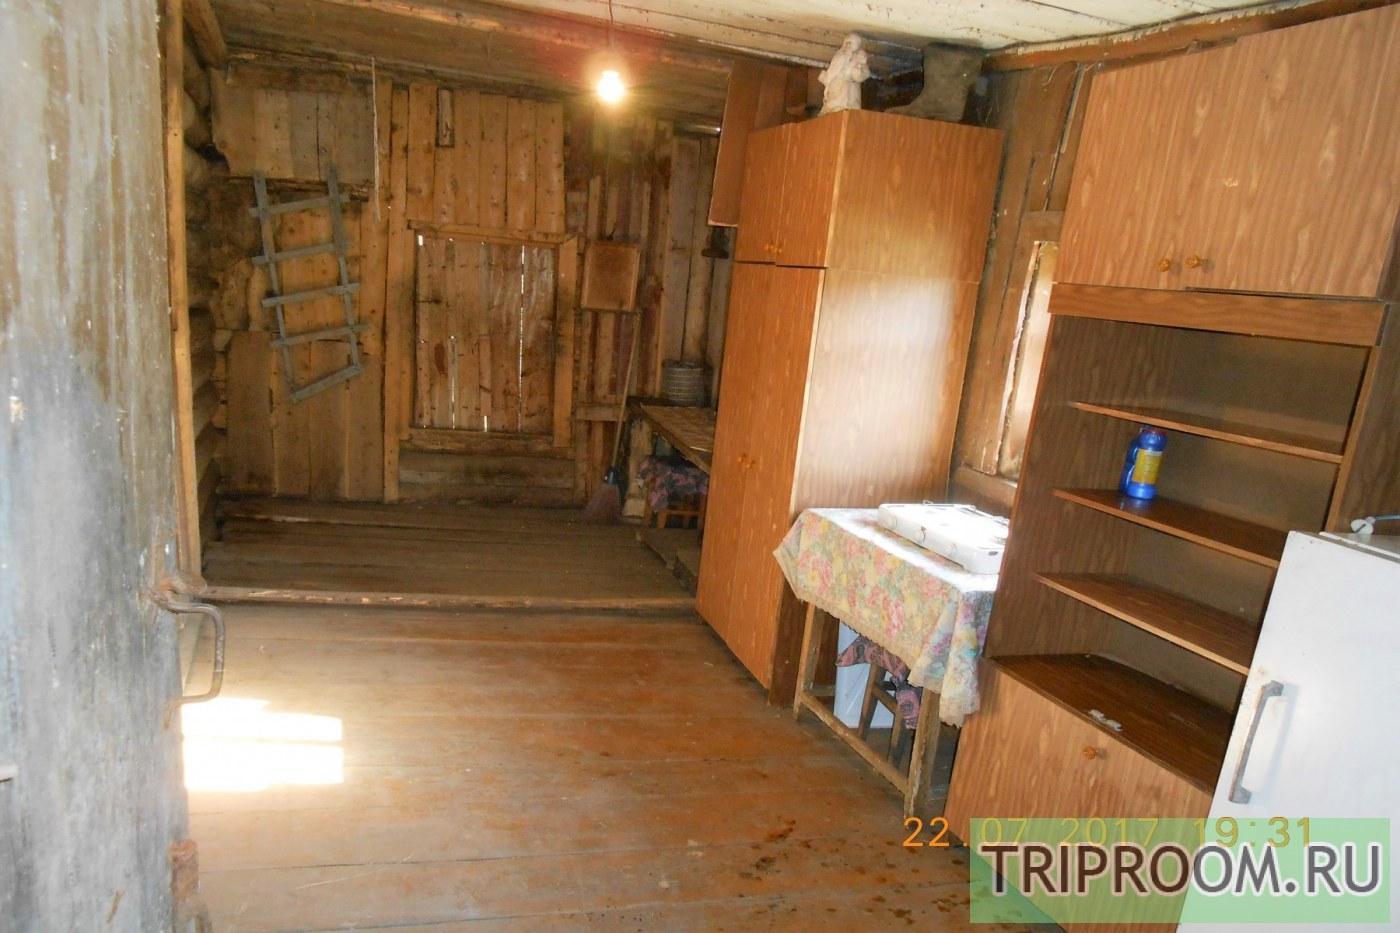 2-комнатный Дача посуточно (вариант № 39941), ул. Дачная улица, фото № 18